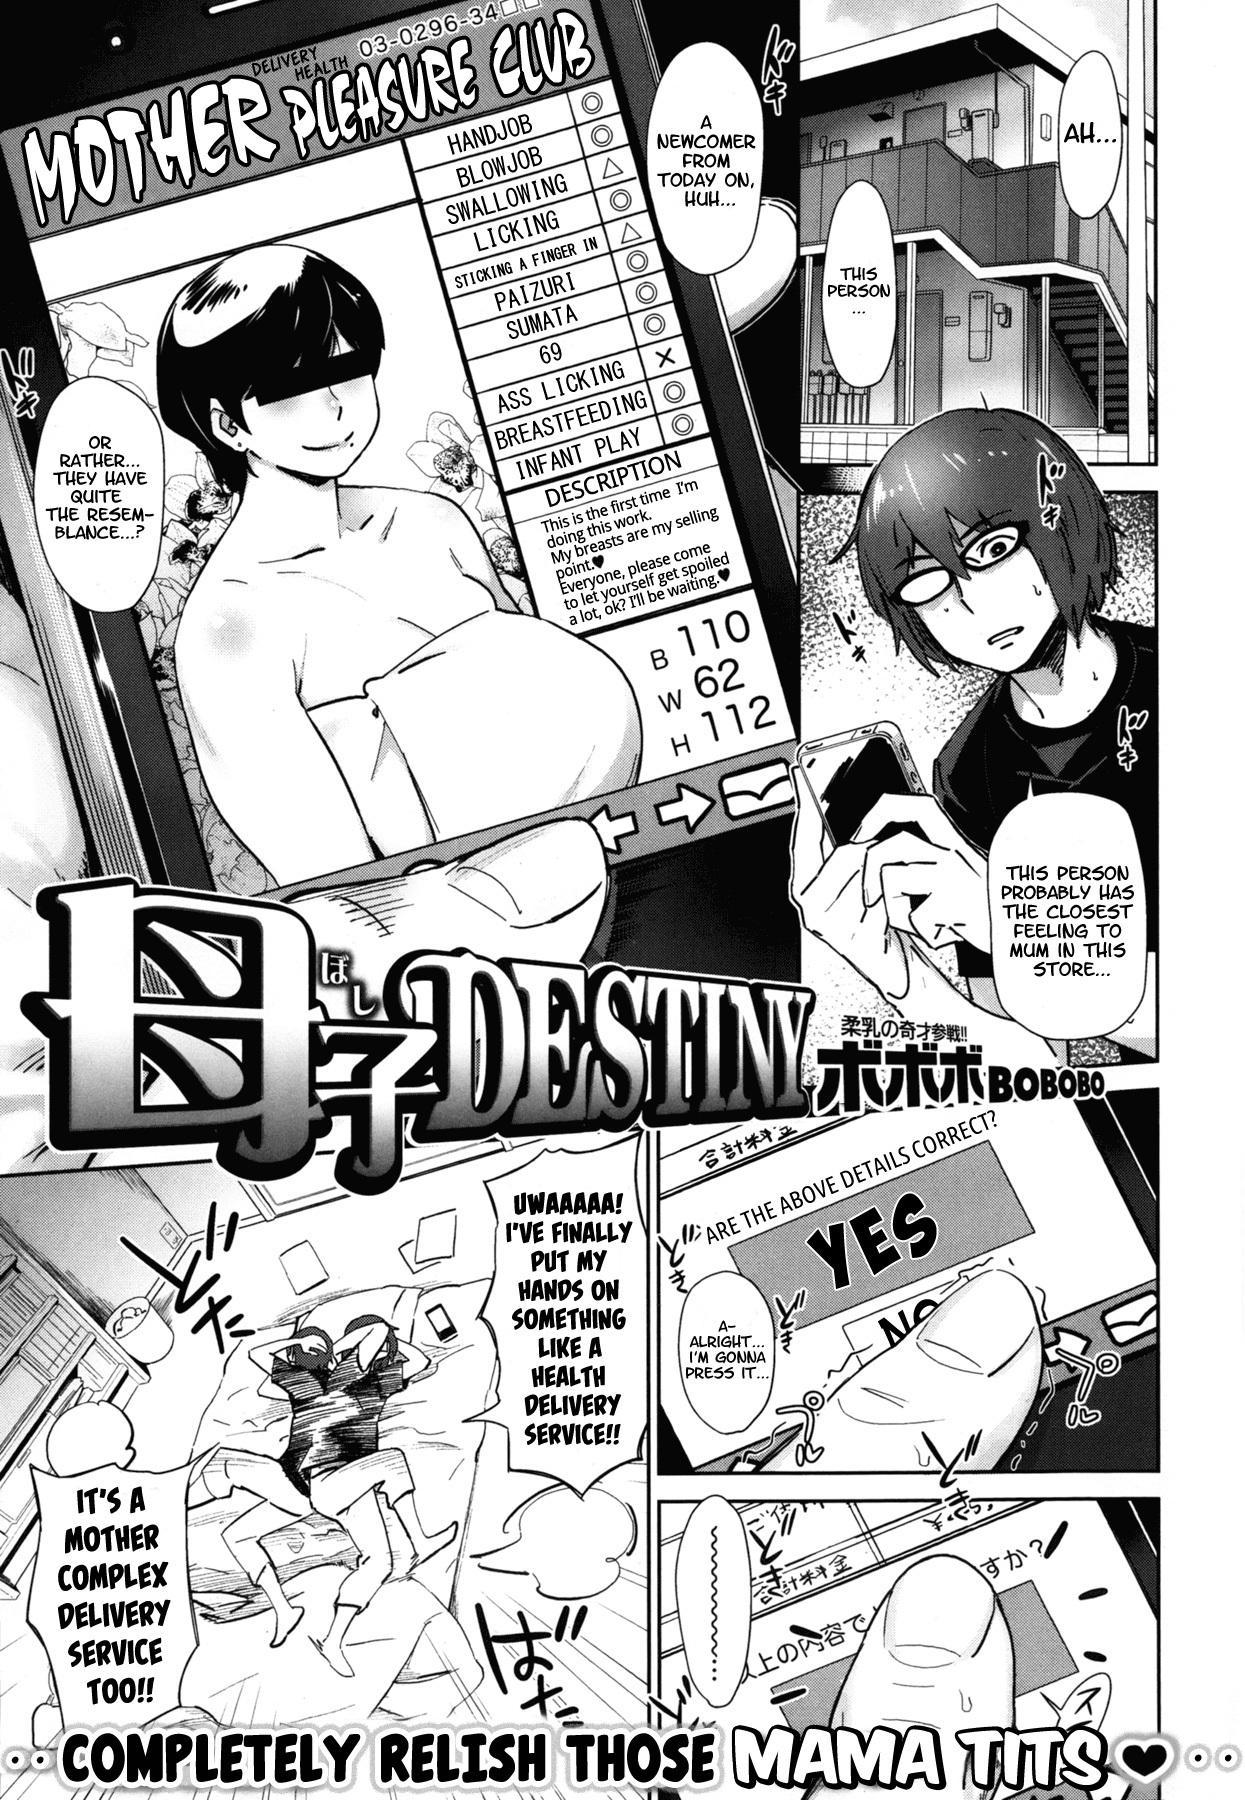 Boshi Destiny 0